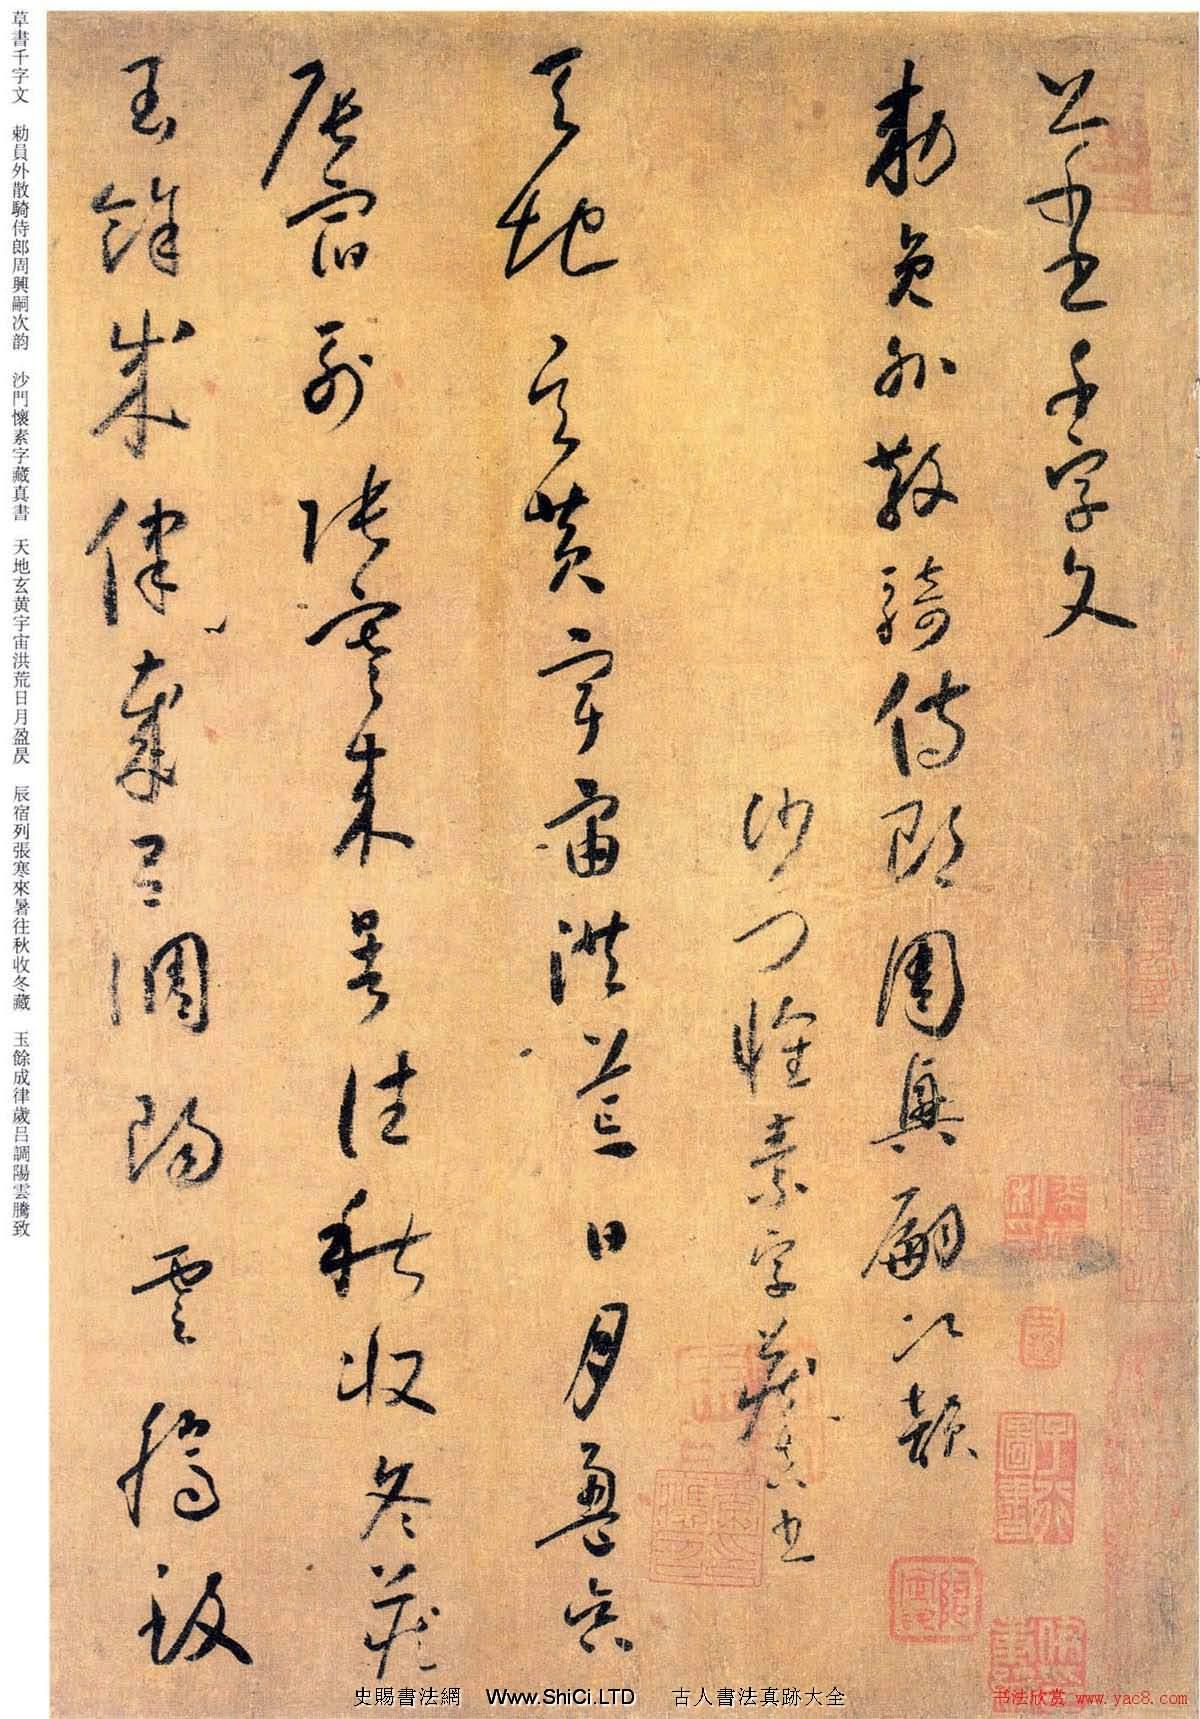 唐代懷素《小草千字文》墨跡(共16張圖片)